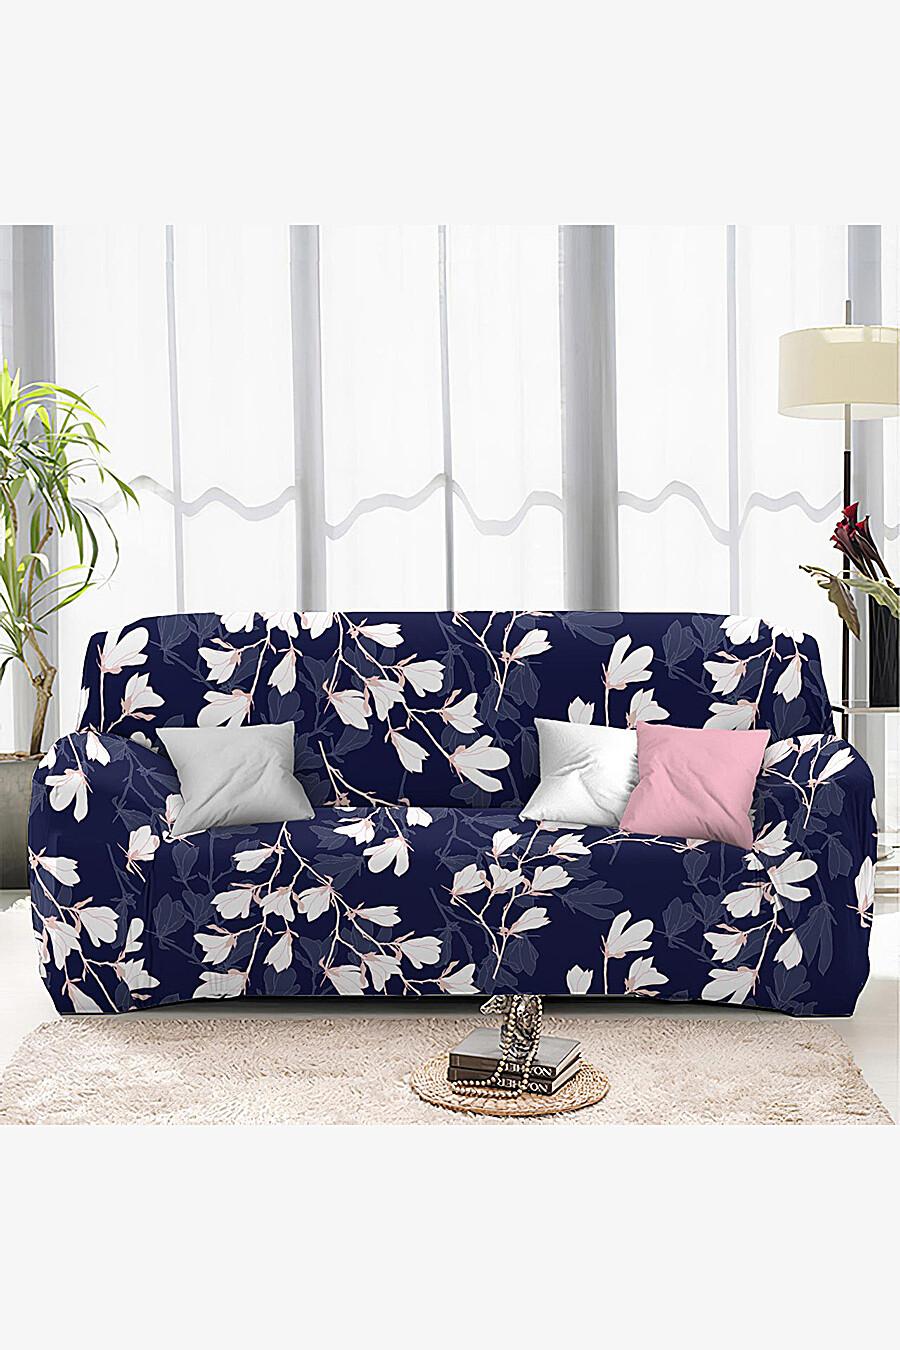 Чехол на диван для дома ART HOME TEXTILE 162996 купить оптом от производителя. Совместная покупка товаров для дома в OptMoyo